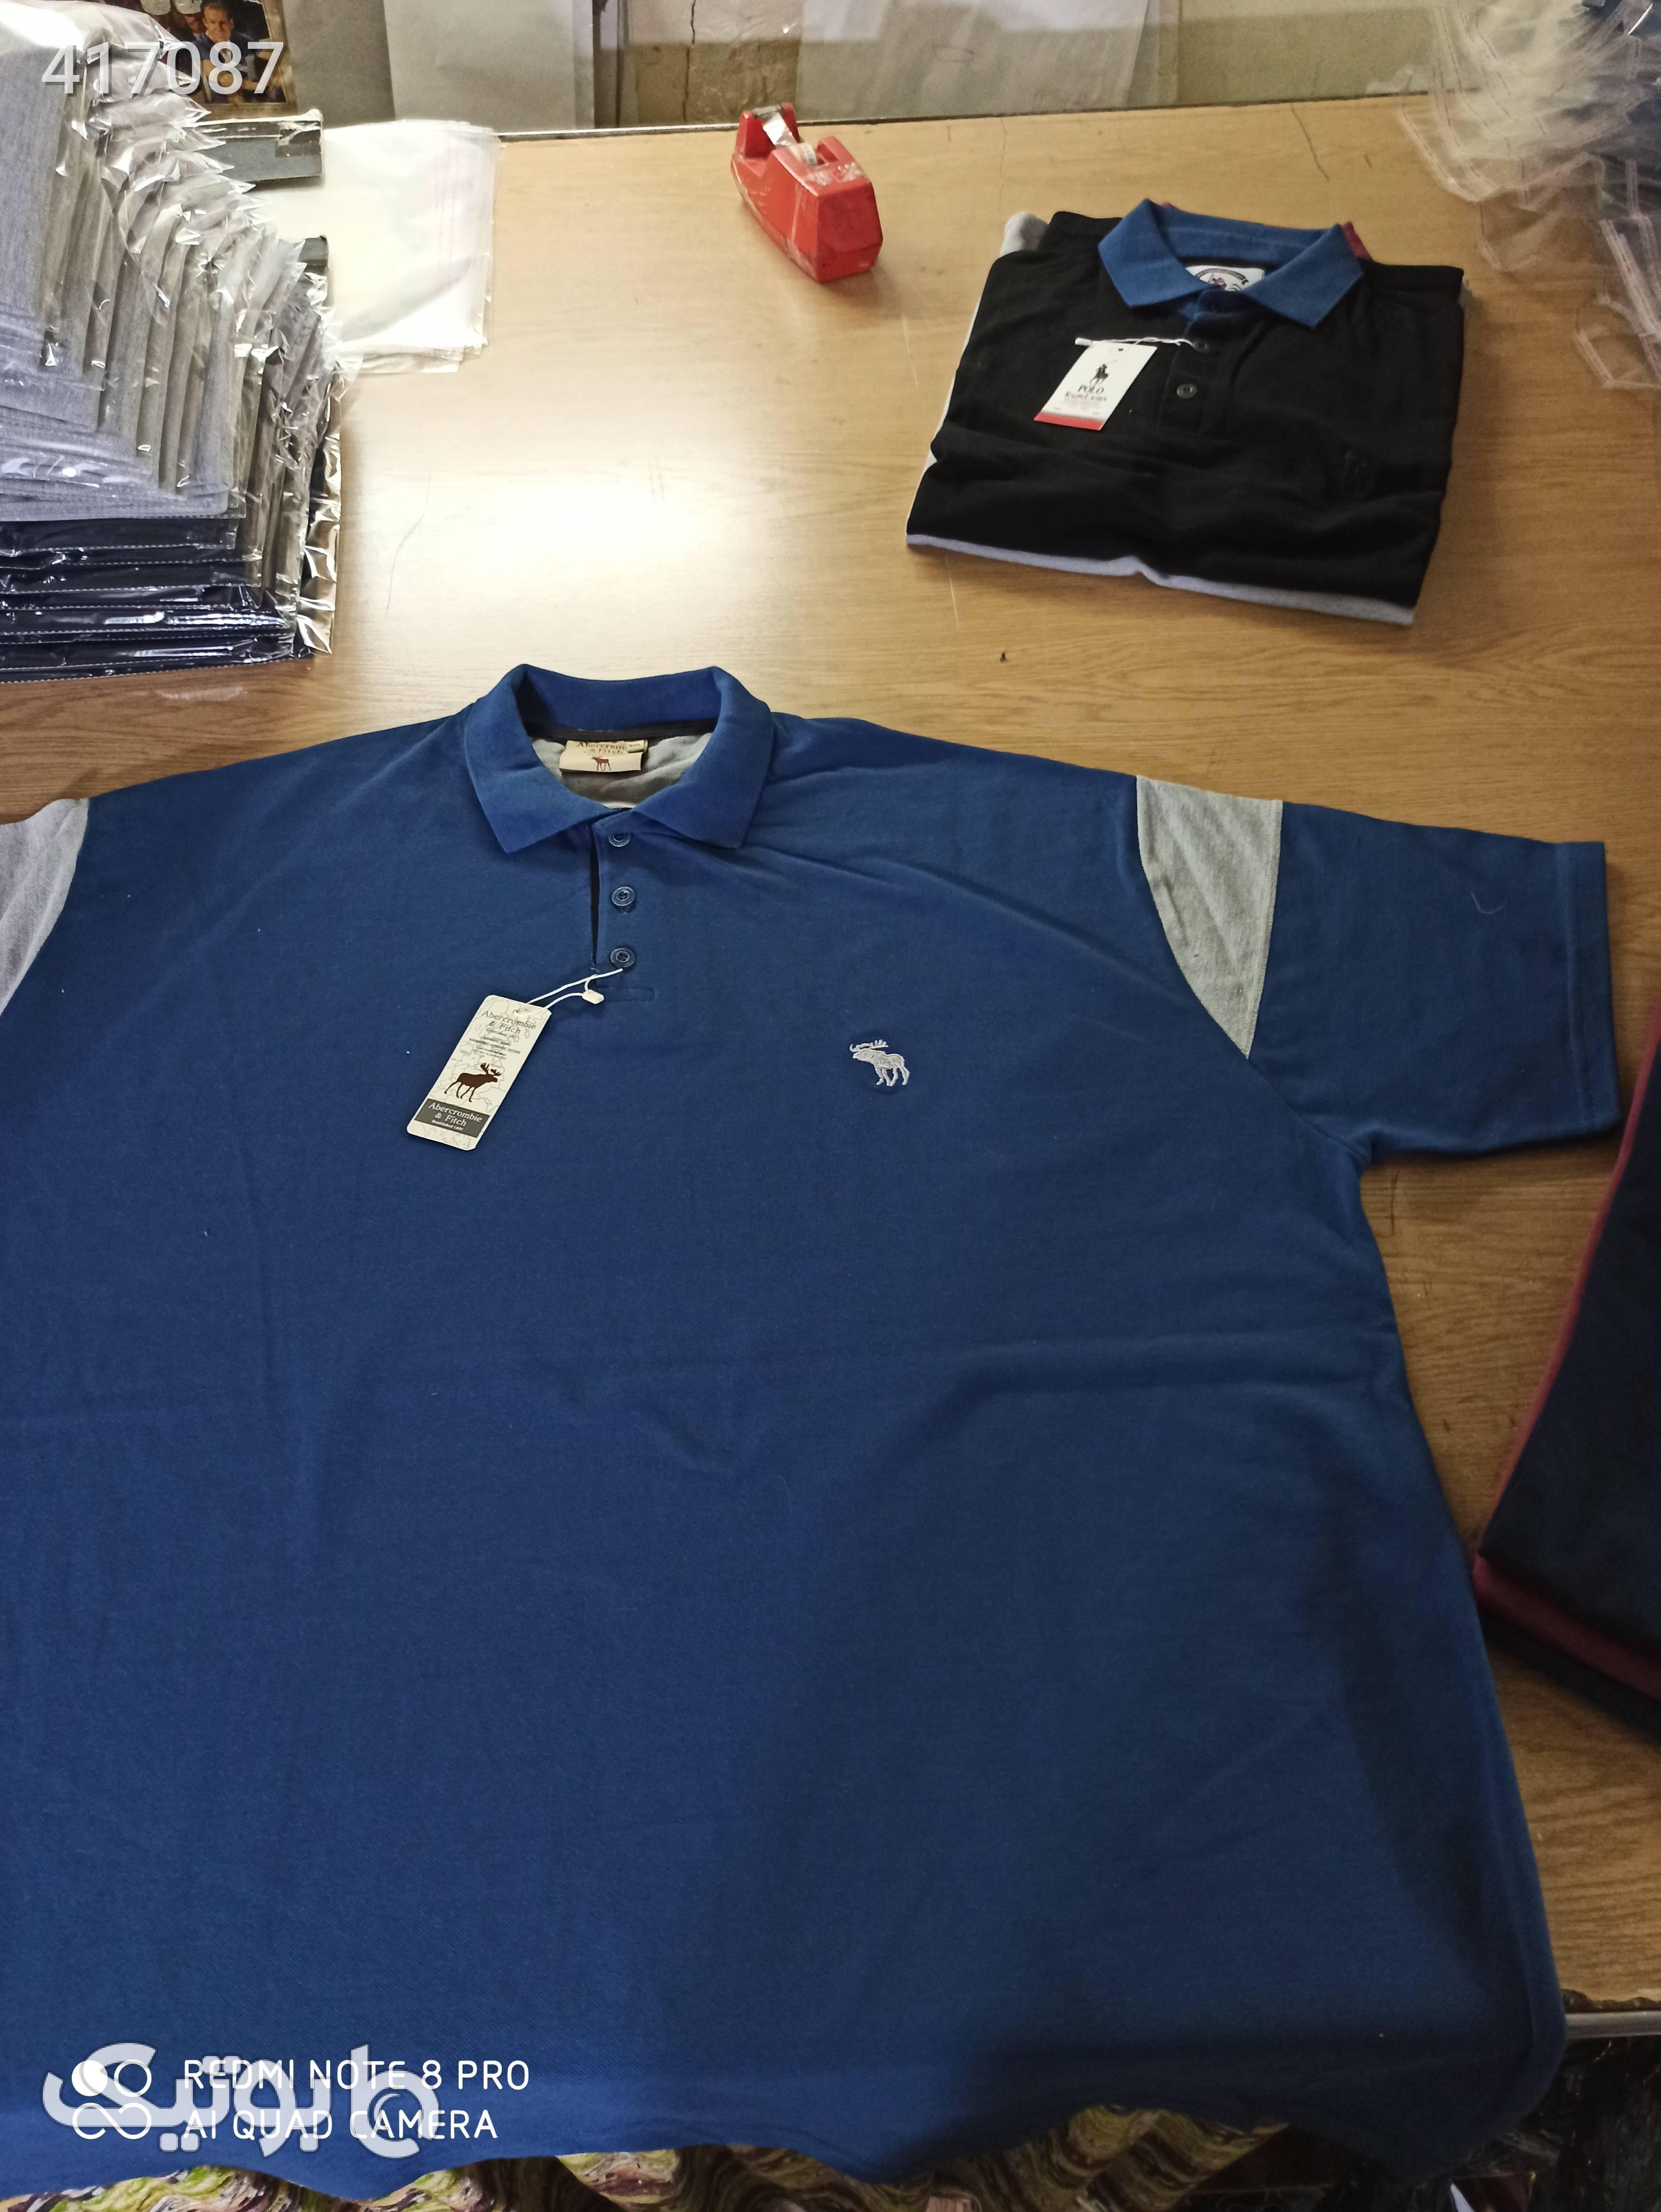 پولو شرت ابرکورومبی سایز بزرگ آبی سایز بزرگ مردانه